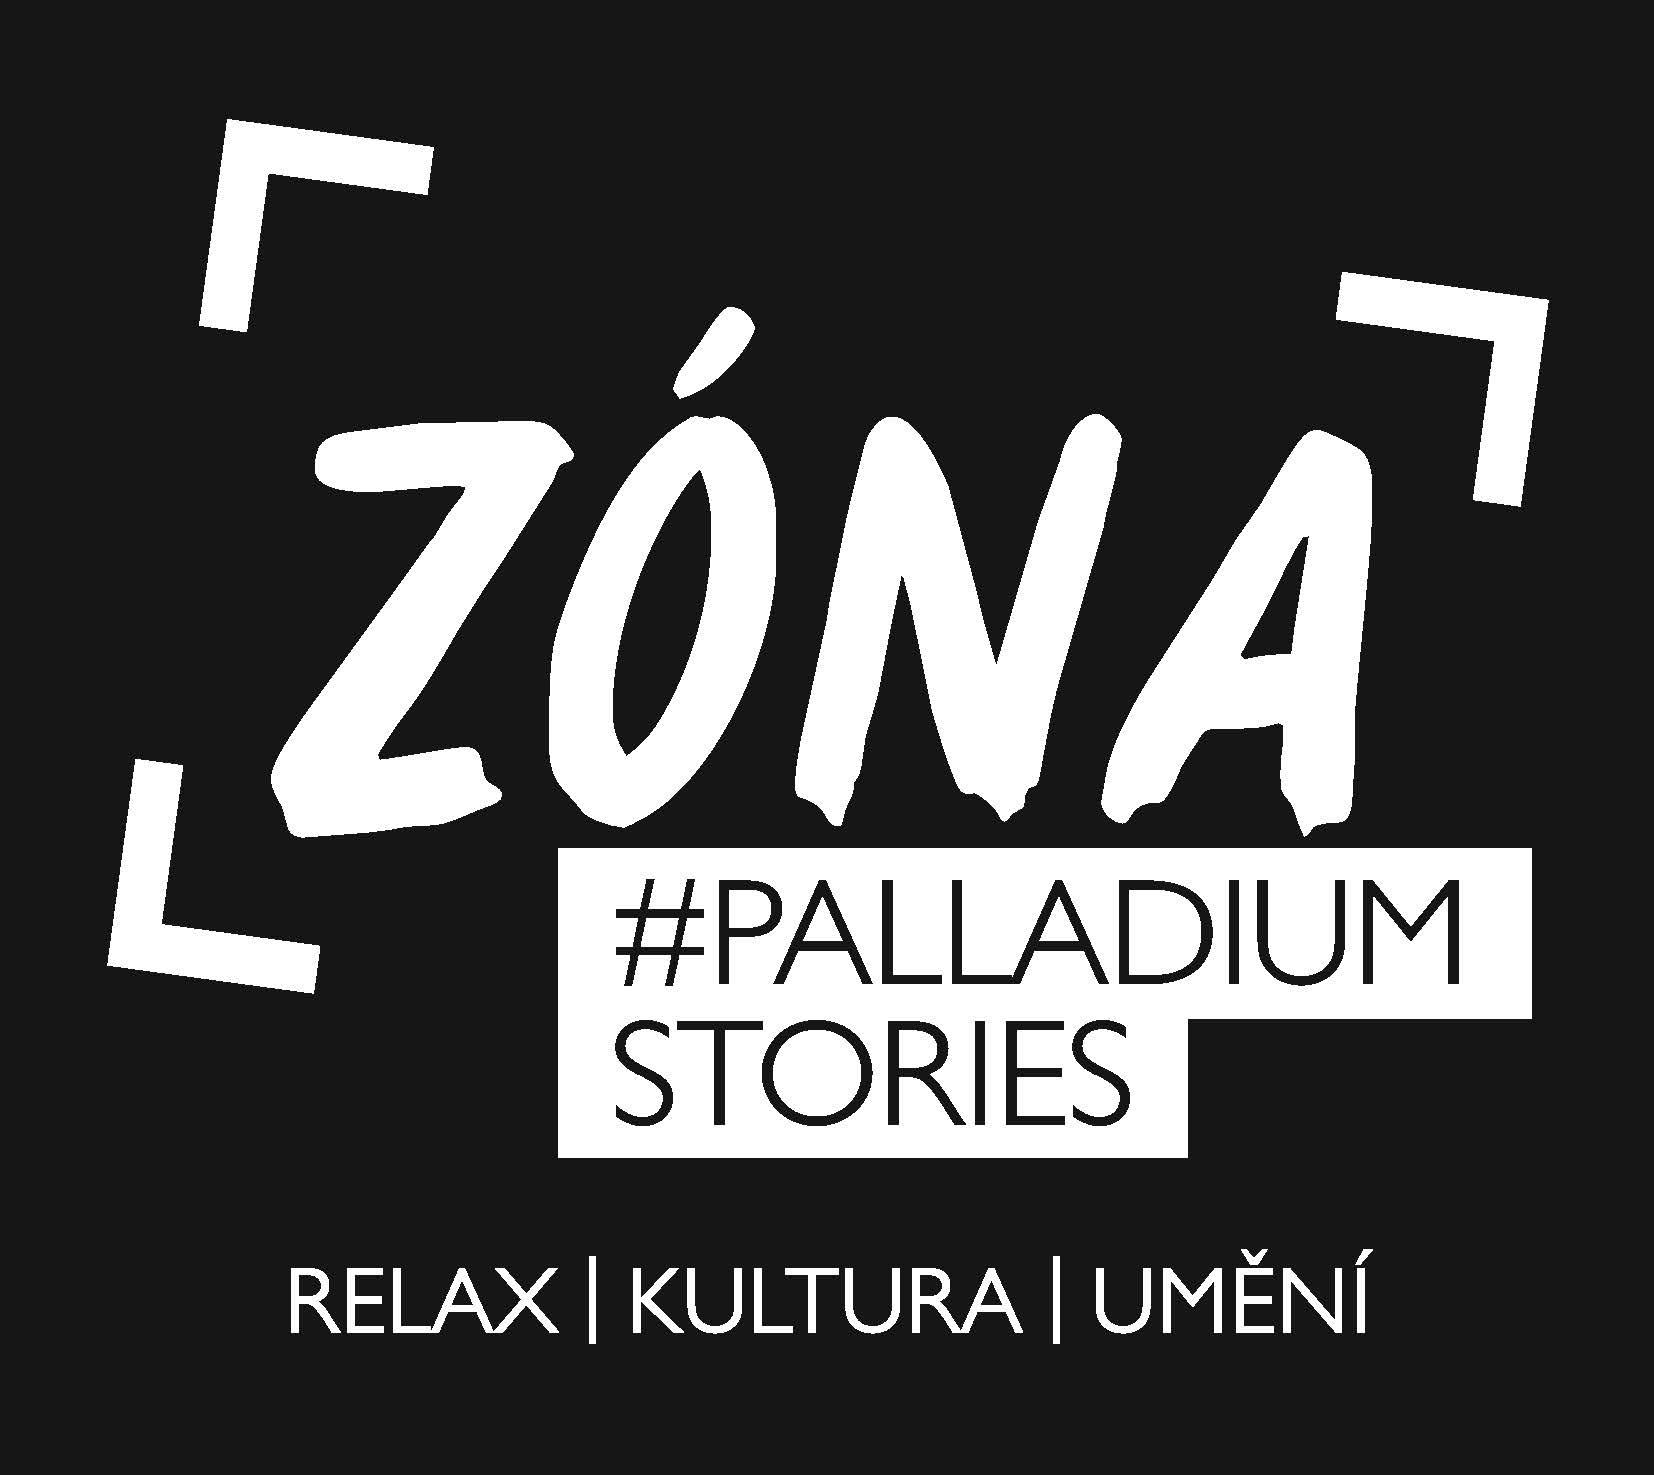 PALLADIUM_ZONA_chill out